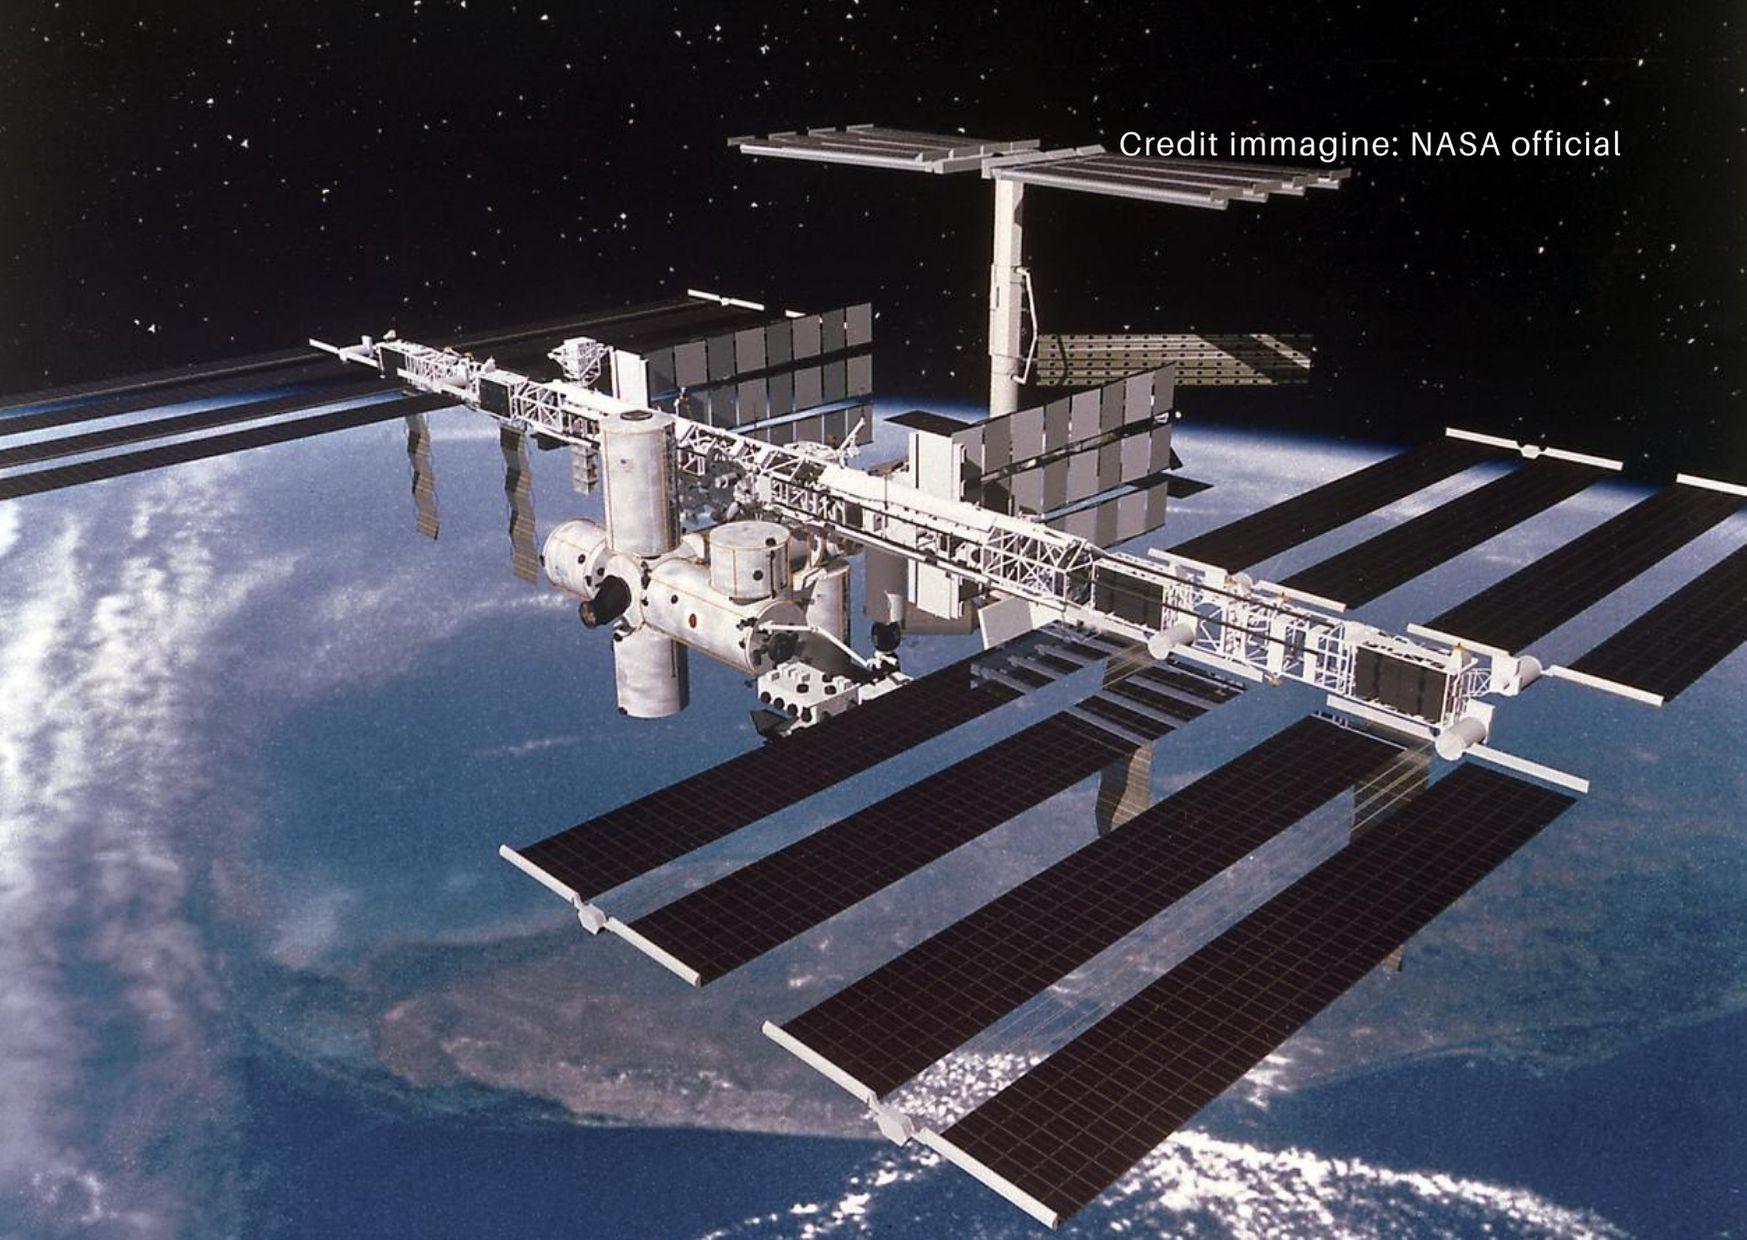 Serre spaziali per migliorare la vita sulla Terra